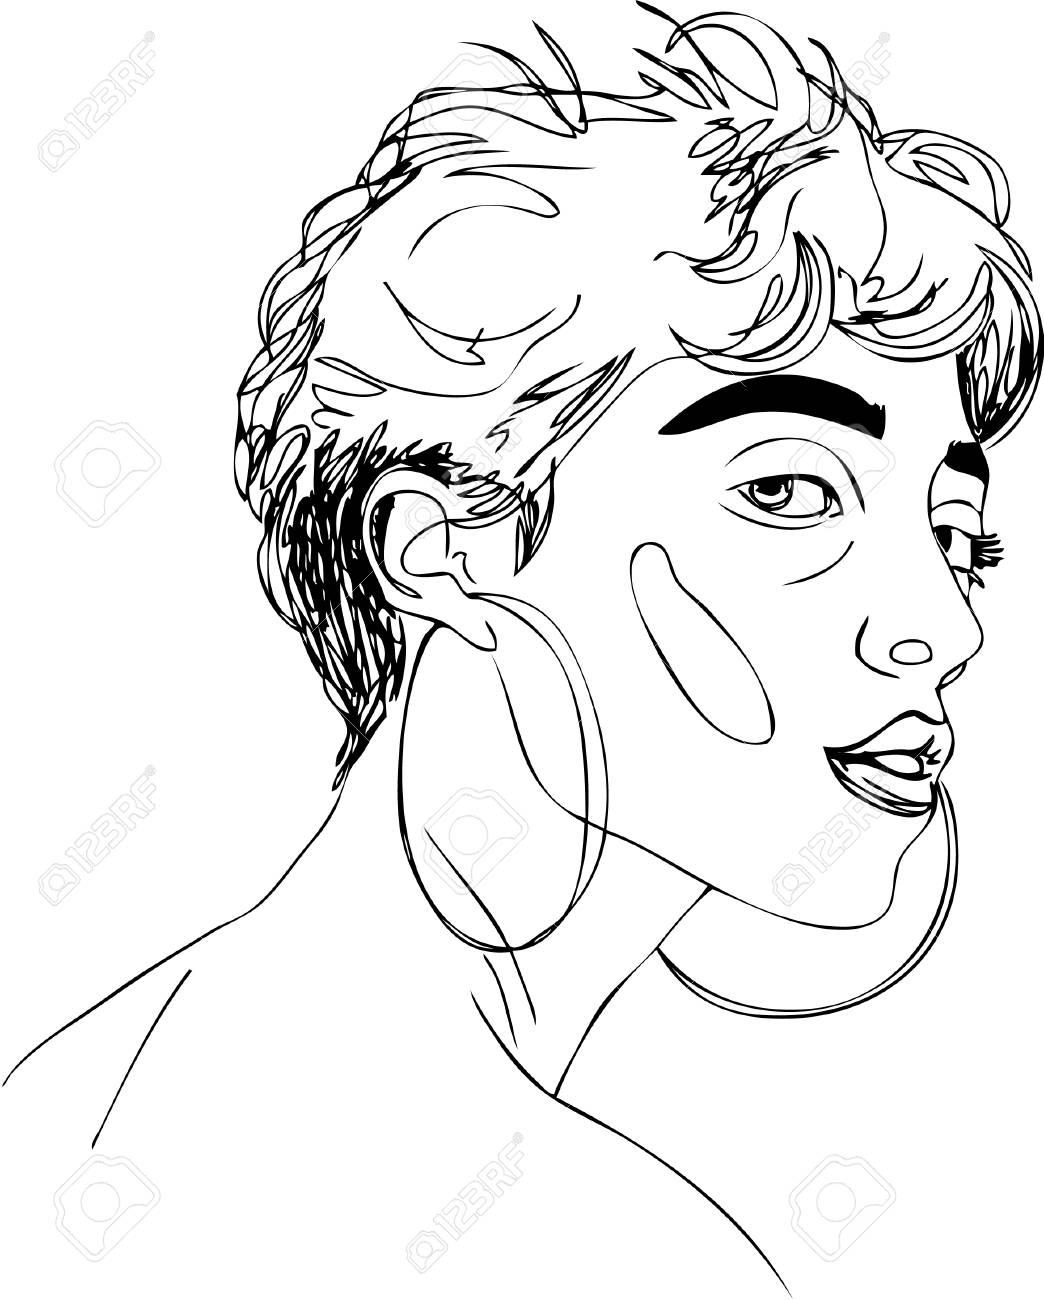 1044x1300 Illustration. Short Haired Girl In Earrings. One Line Design